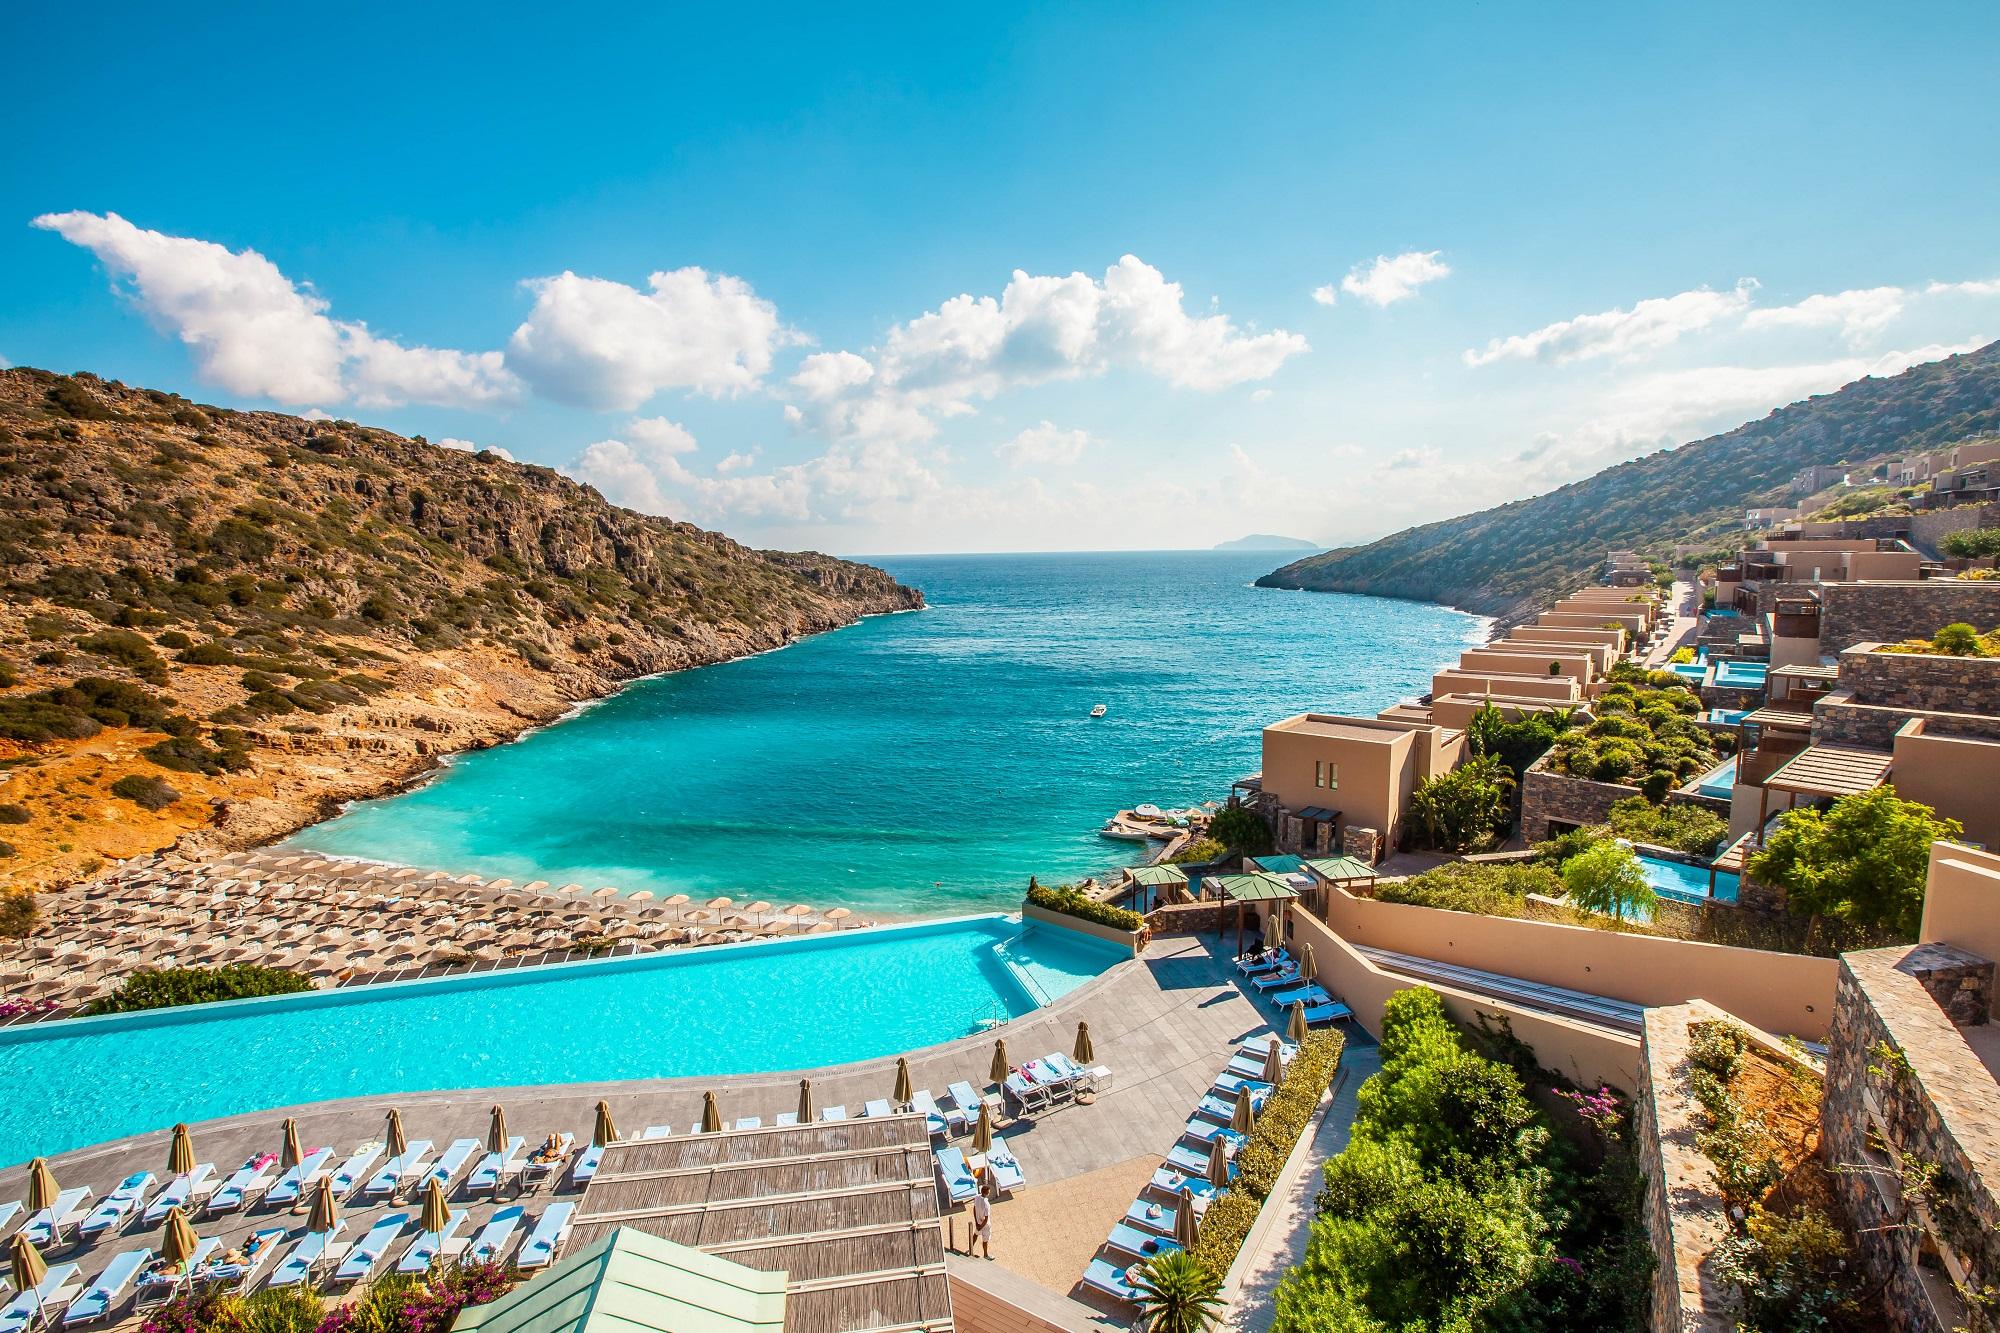 Yunanistan turizm sezonuna hazırlanıyor. Sınırlar 14 Mayıs'ta açılacak mı?